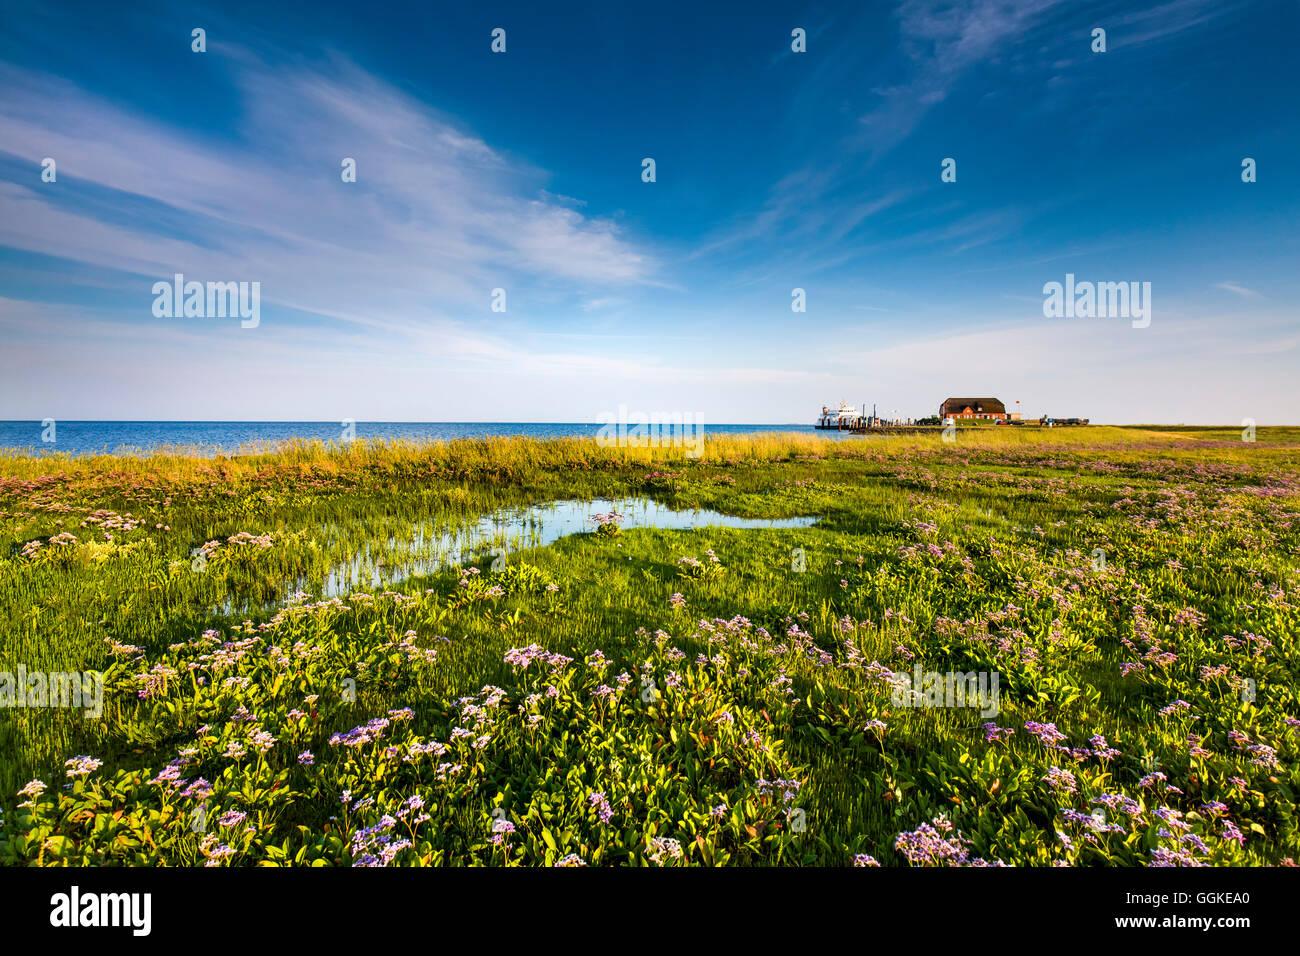 Dwelling mound, Hallig Langeness, North Frisian Islands, Schleswig-Holstein, Germany - Stock Image